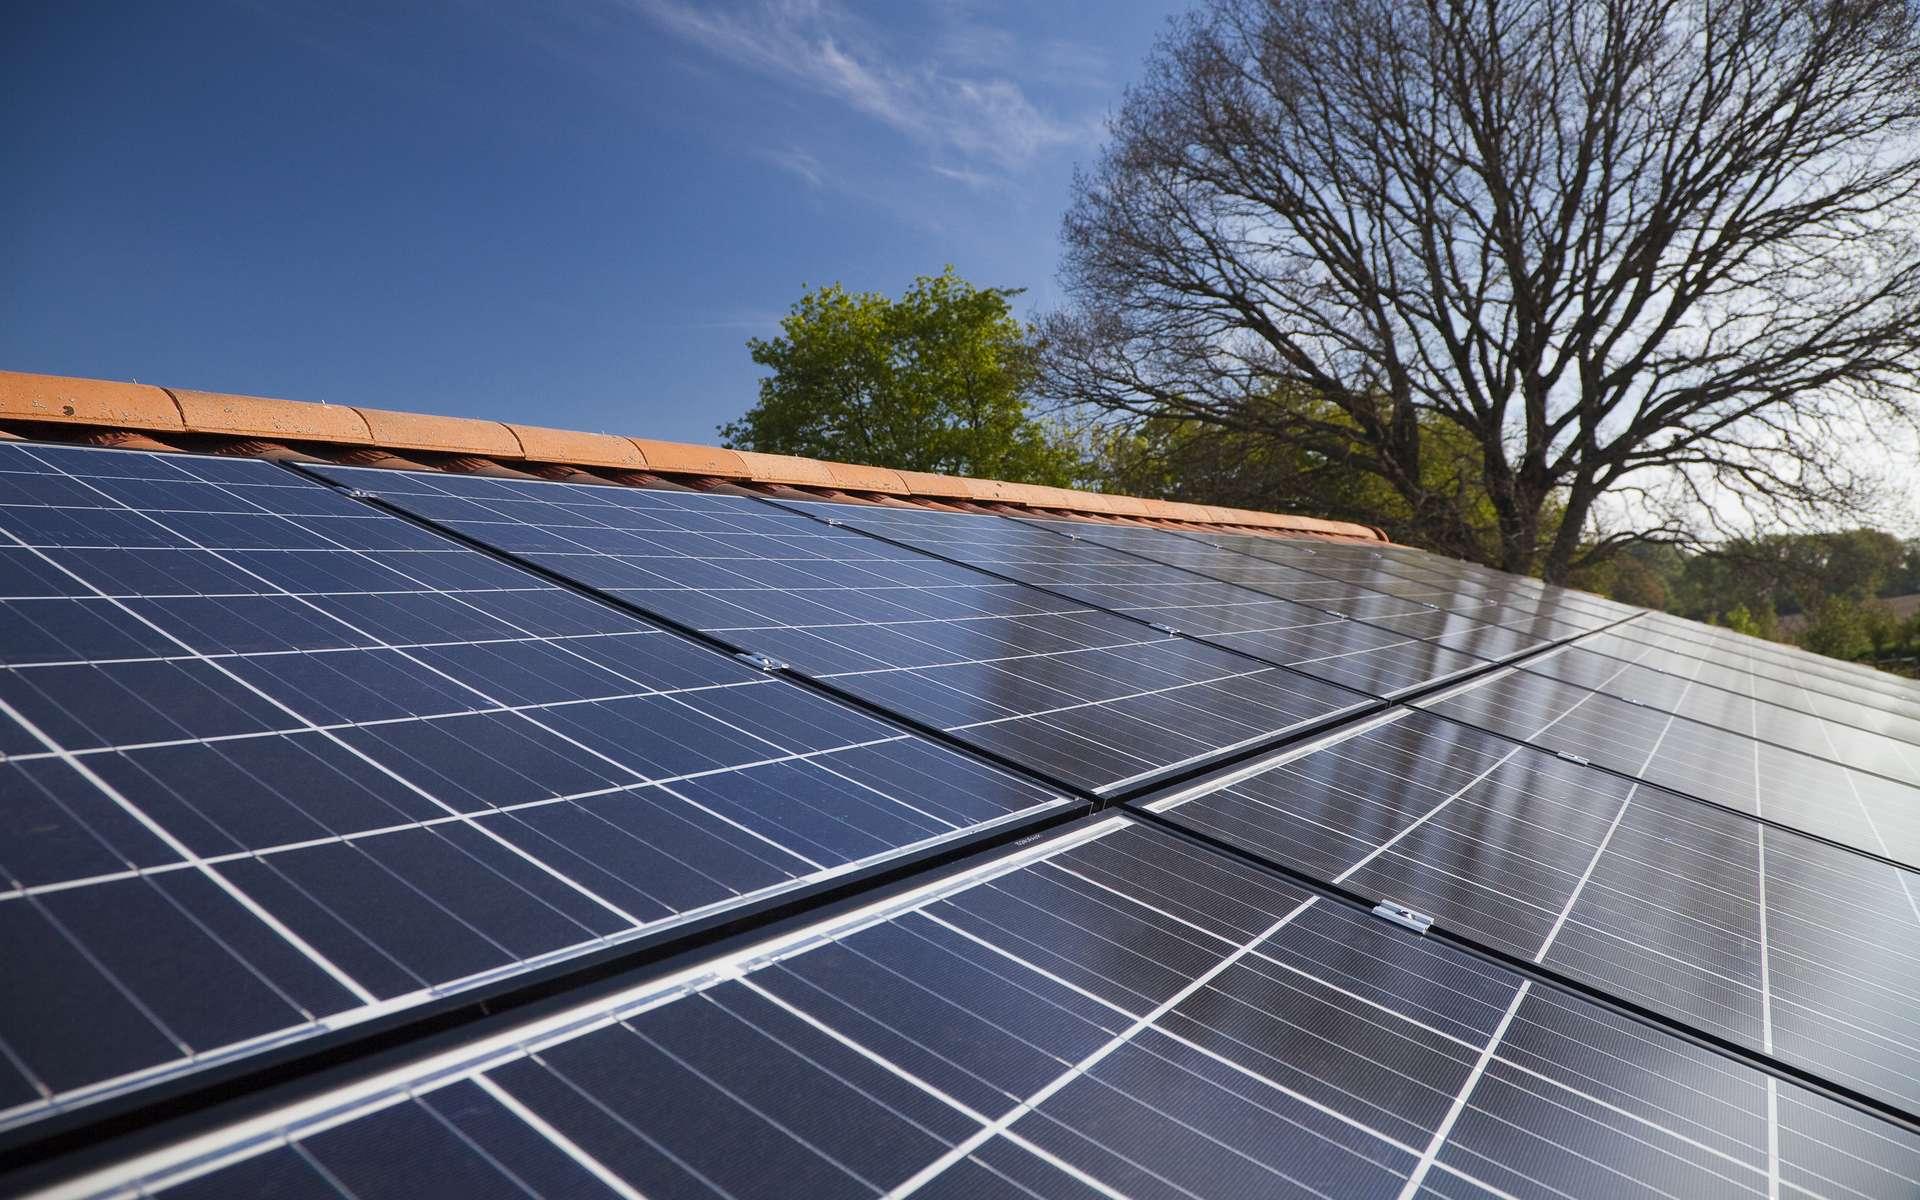 Équiper sa toiture de panneaux photovoltaïques est une bonne idée. Une démarche écologique qui a bien des avantages mais il faut s'assurer du sérieux de l'artisan pour éviter toute arnaque. © Steflemulot, Adobe Stock